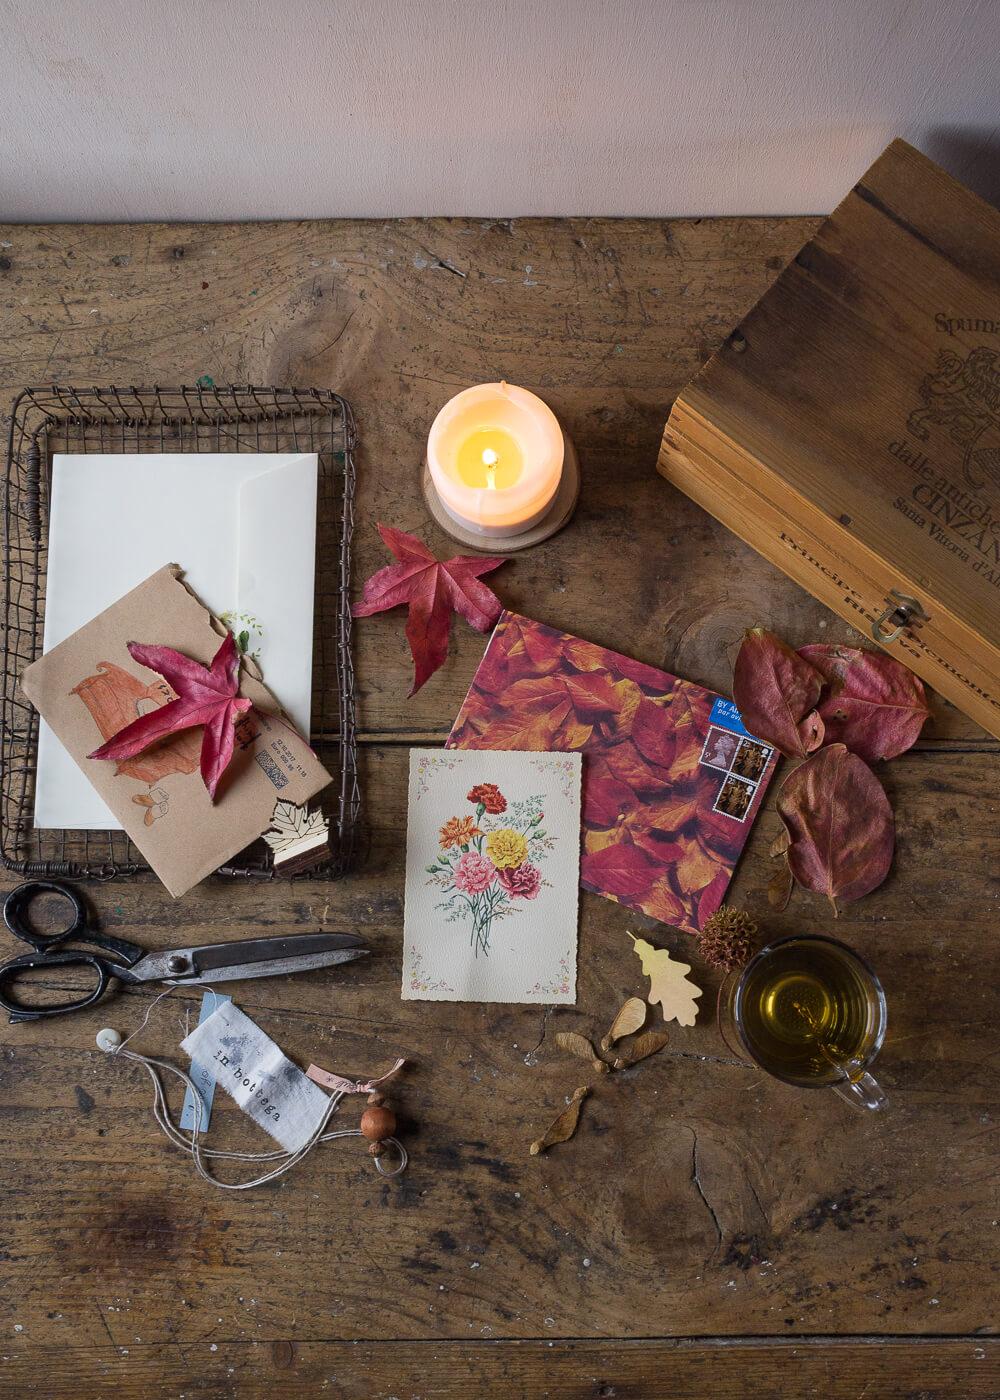 La bellezza dell'autunno - Ricevere posta - Lily&Sage Design